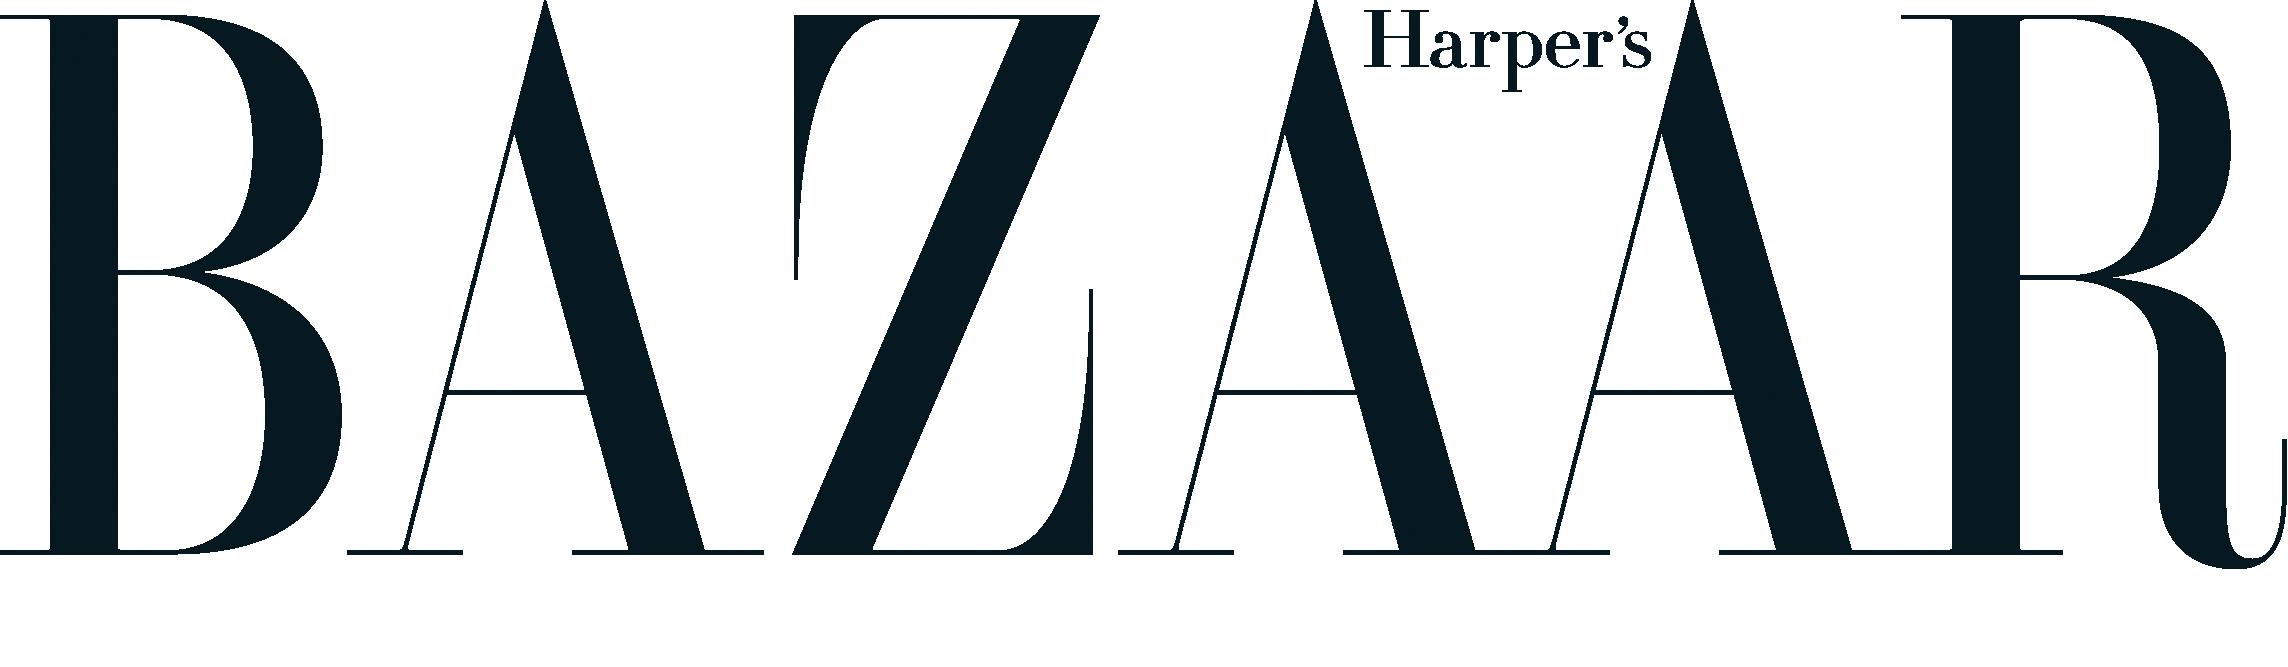 Harpers Bazaar Adeela Crown